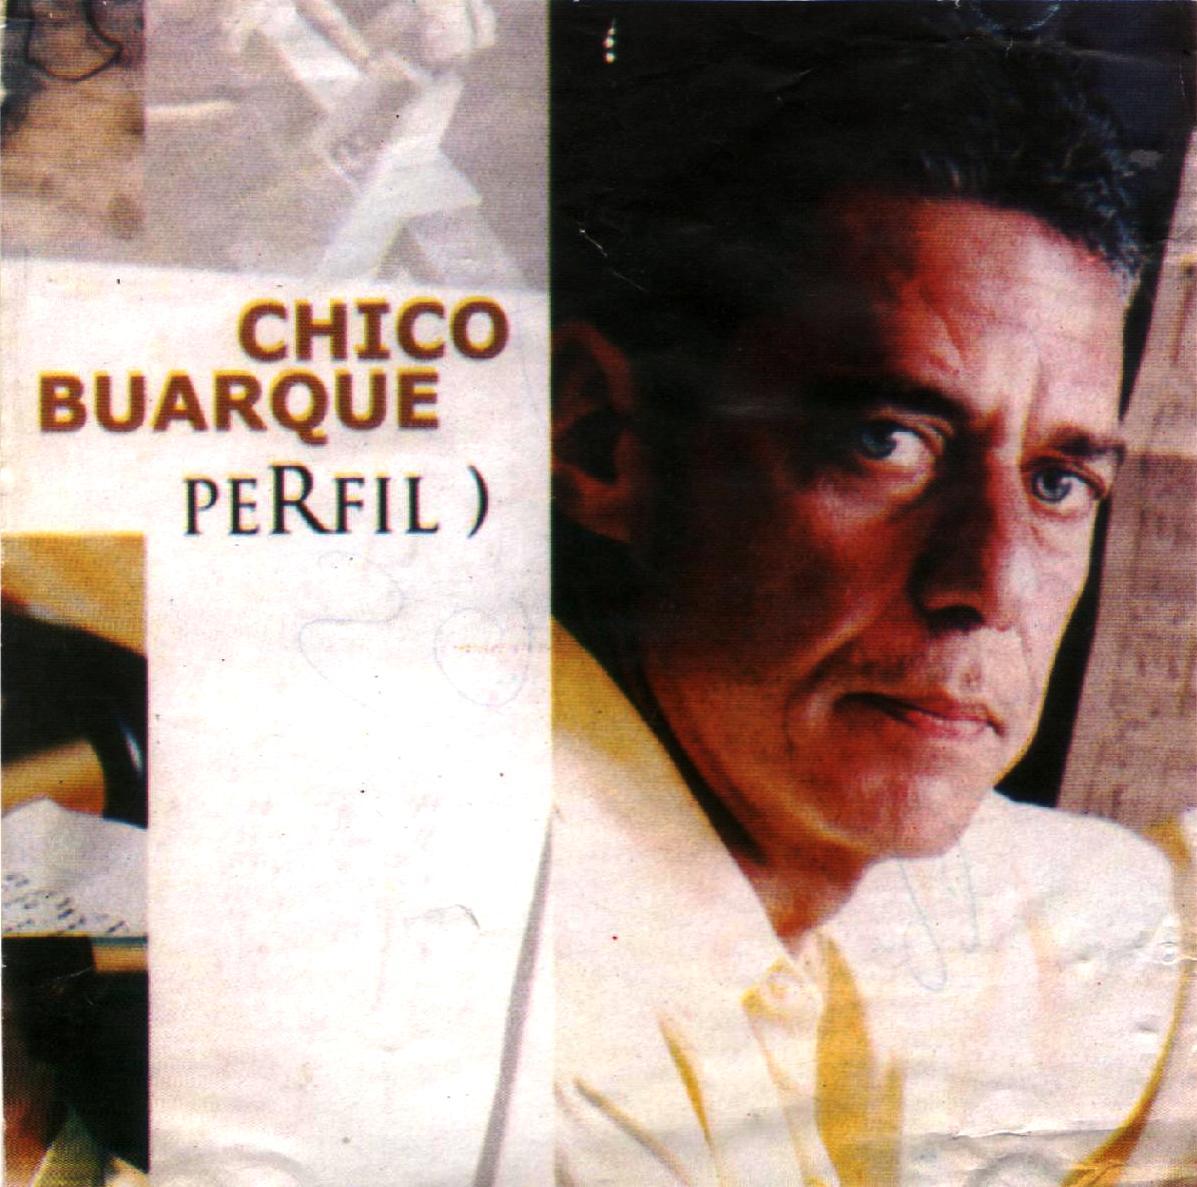 cd chico buarque perfil 2 2010